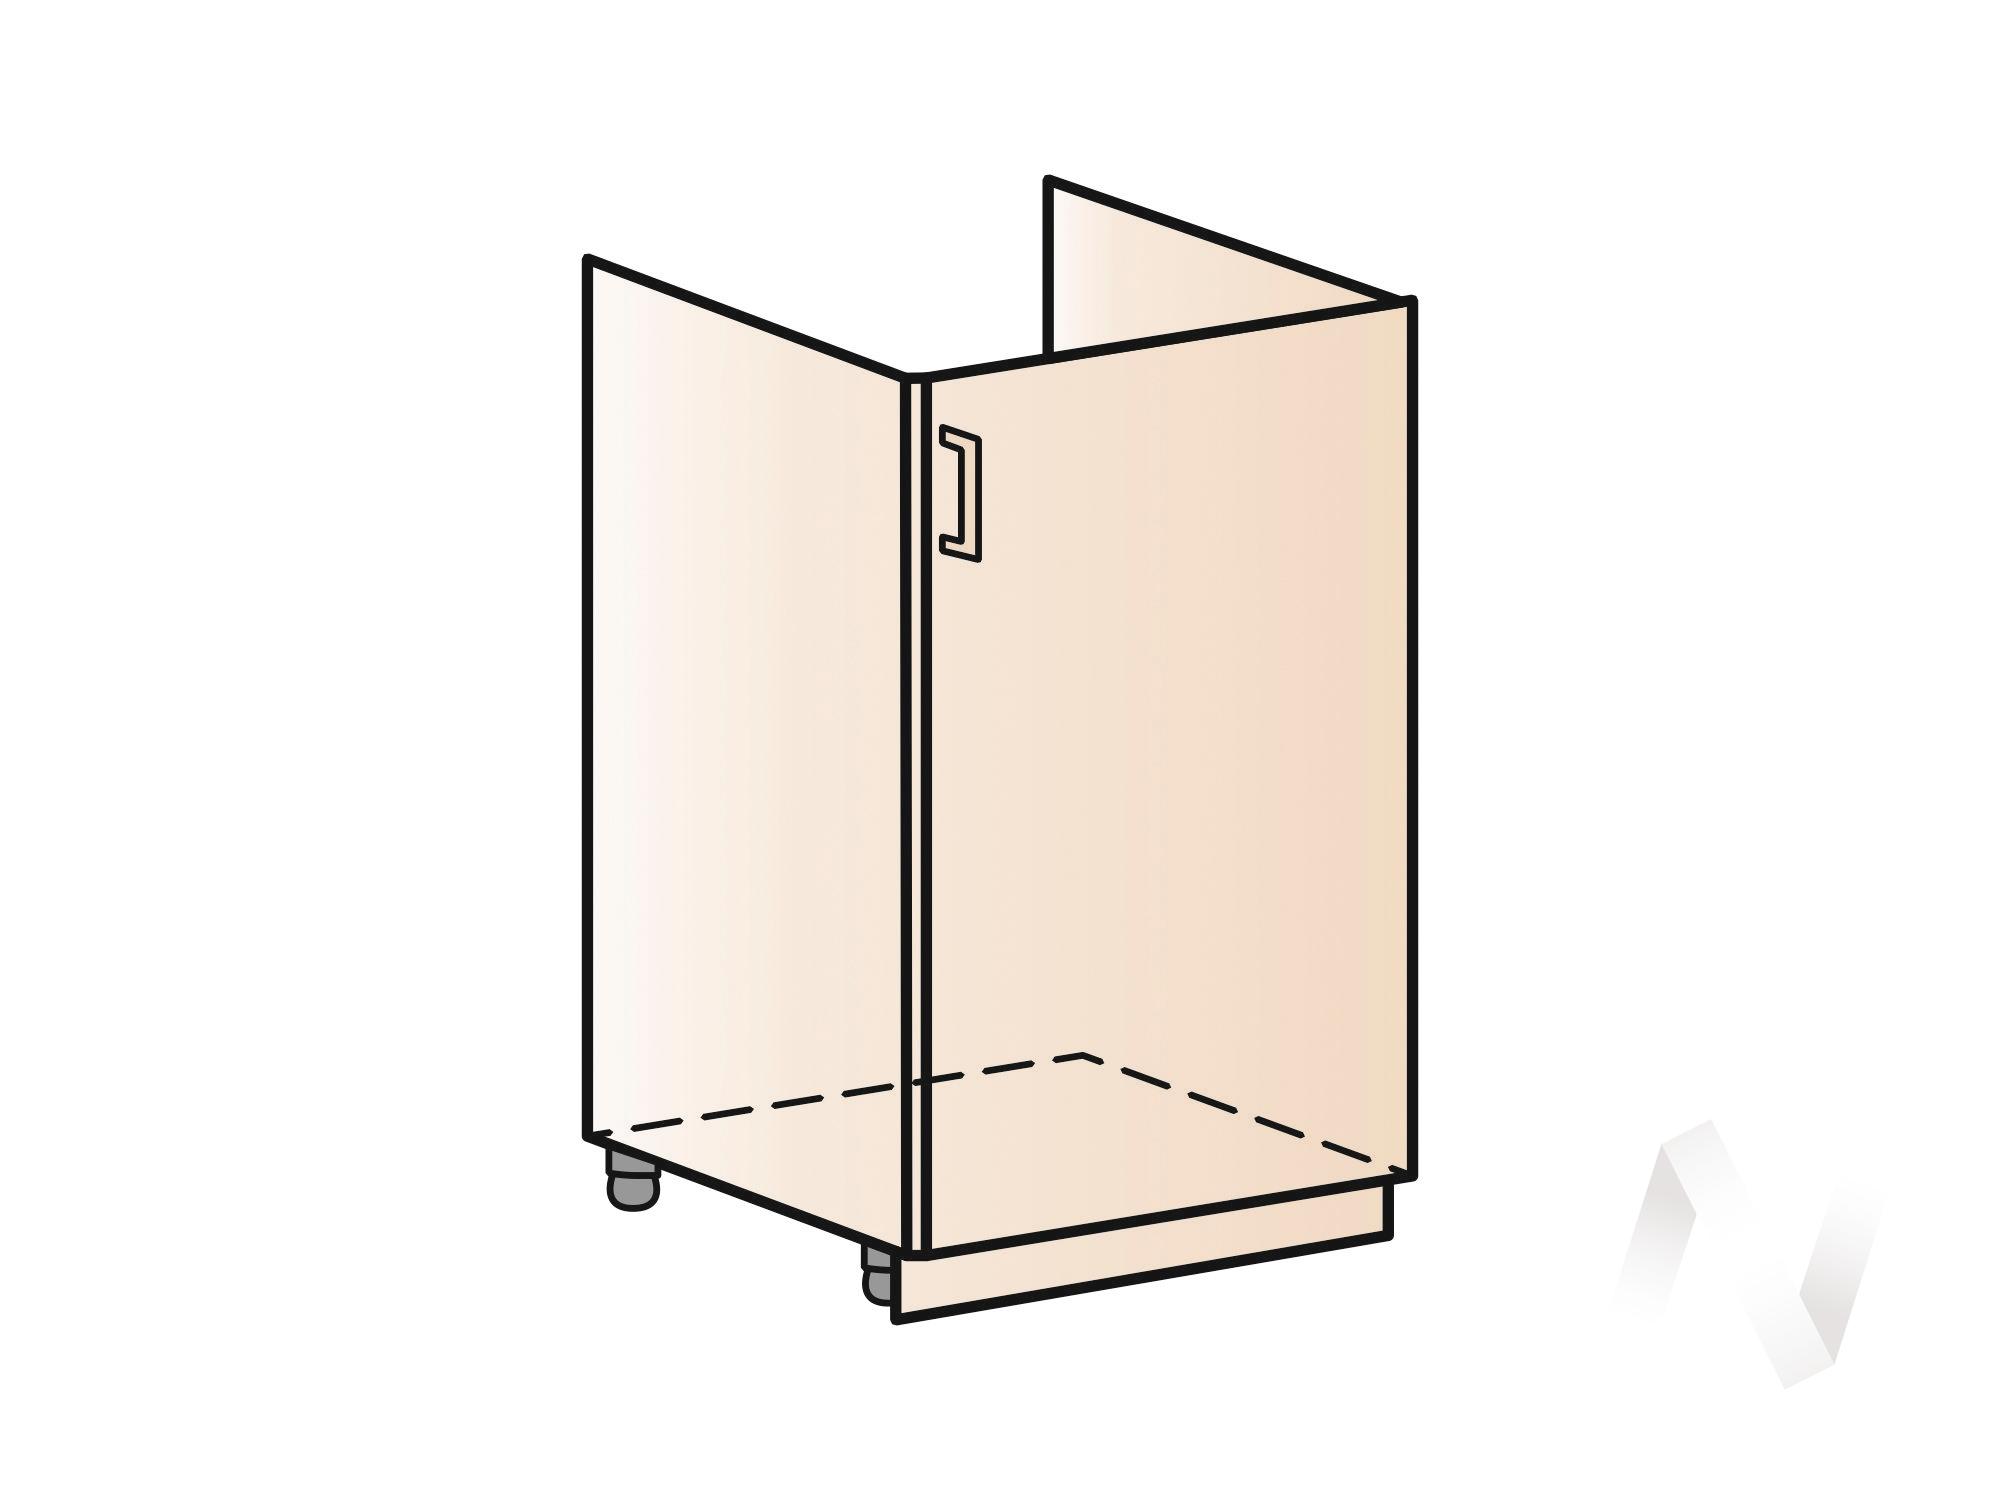 """Кухня """"Вена"""": Шкаф нижний под мойку 500, ШНМ 500 (корпус венге) в Томске — авторская мебель Экостиль"""